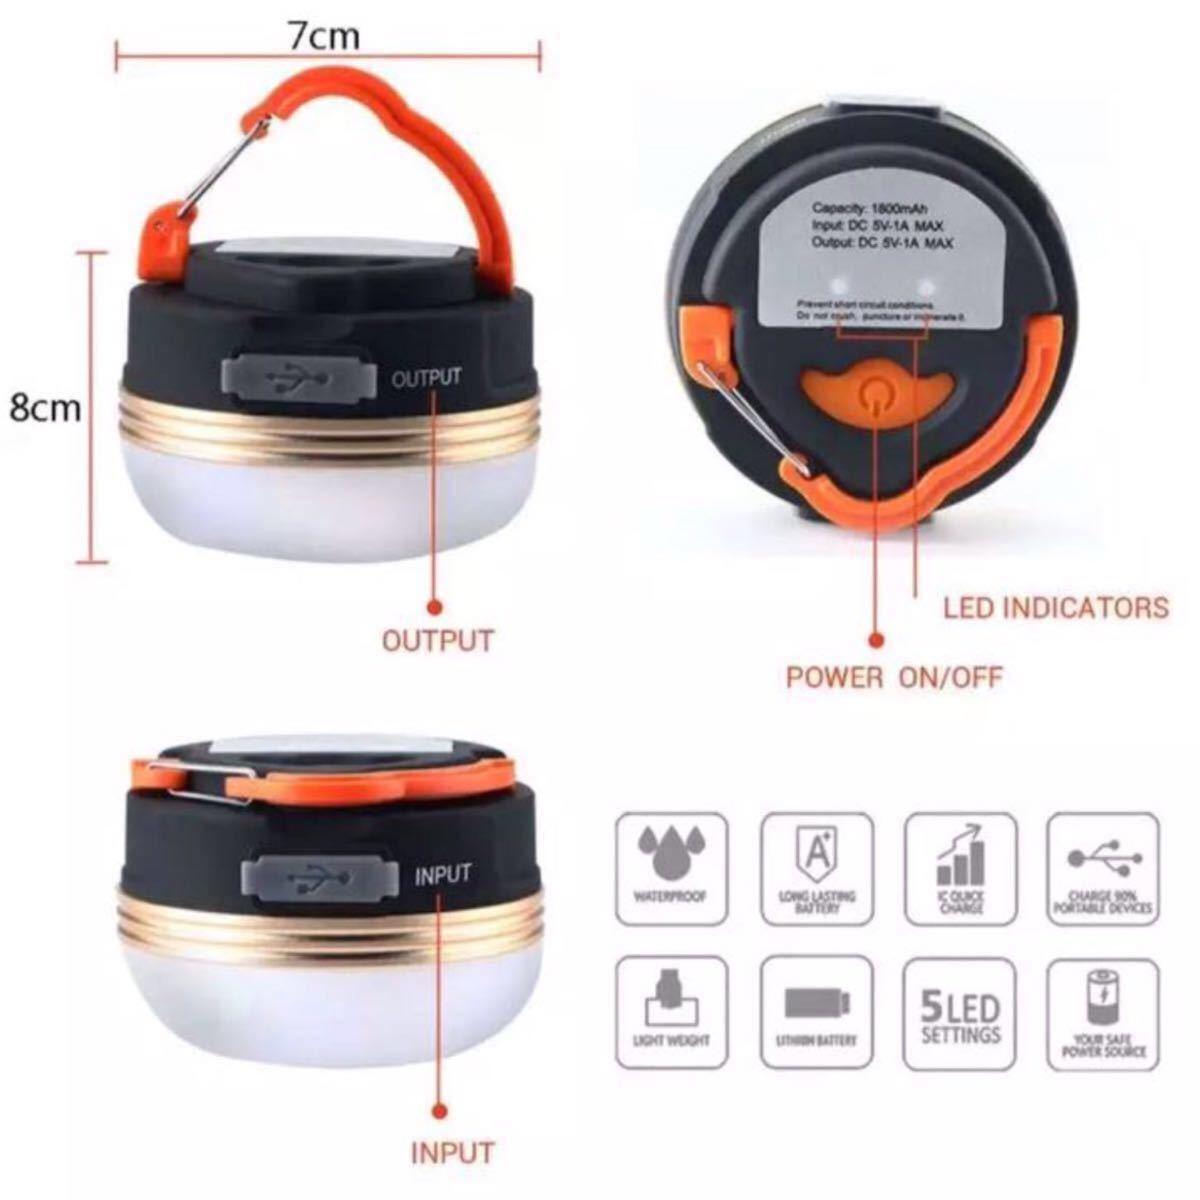 ★3段階調光モード★ LEDランタン 懐中電灯 ライト USB充電 マグネット式 軽量 小型 防水 アウトドア 夜釣り キャンプ